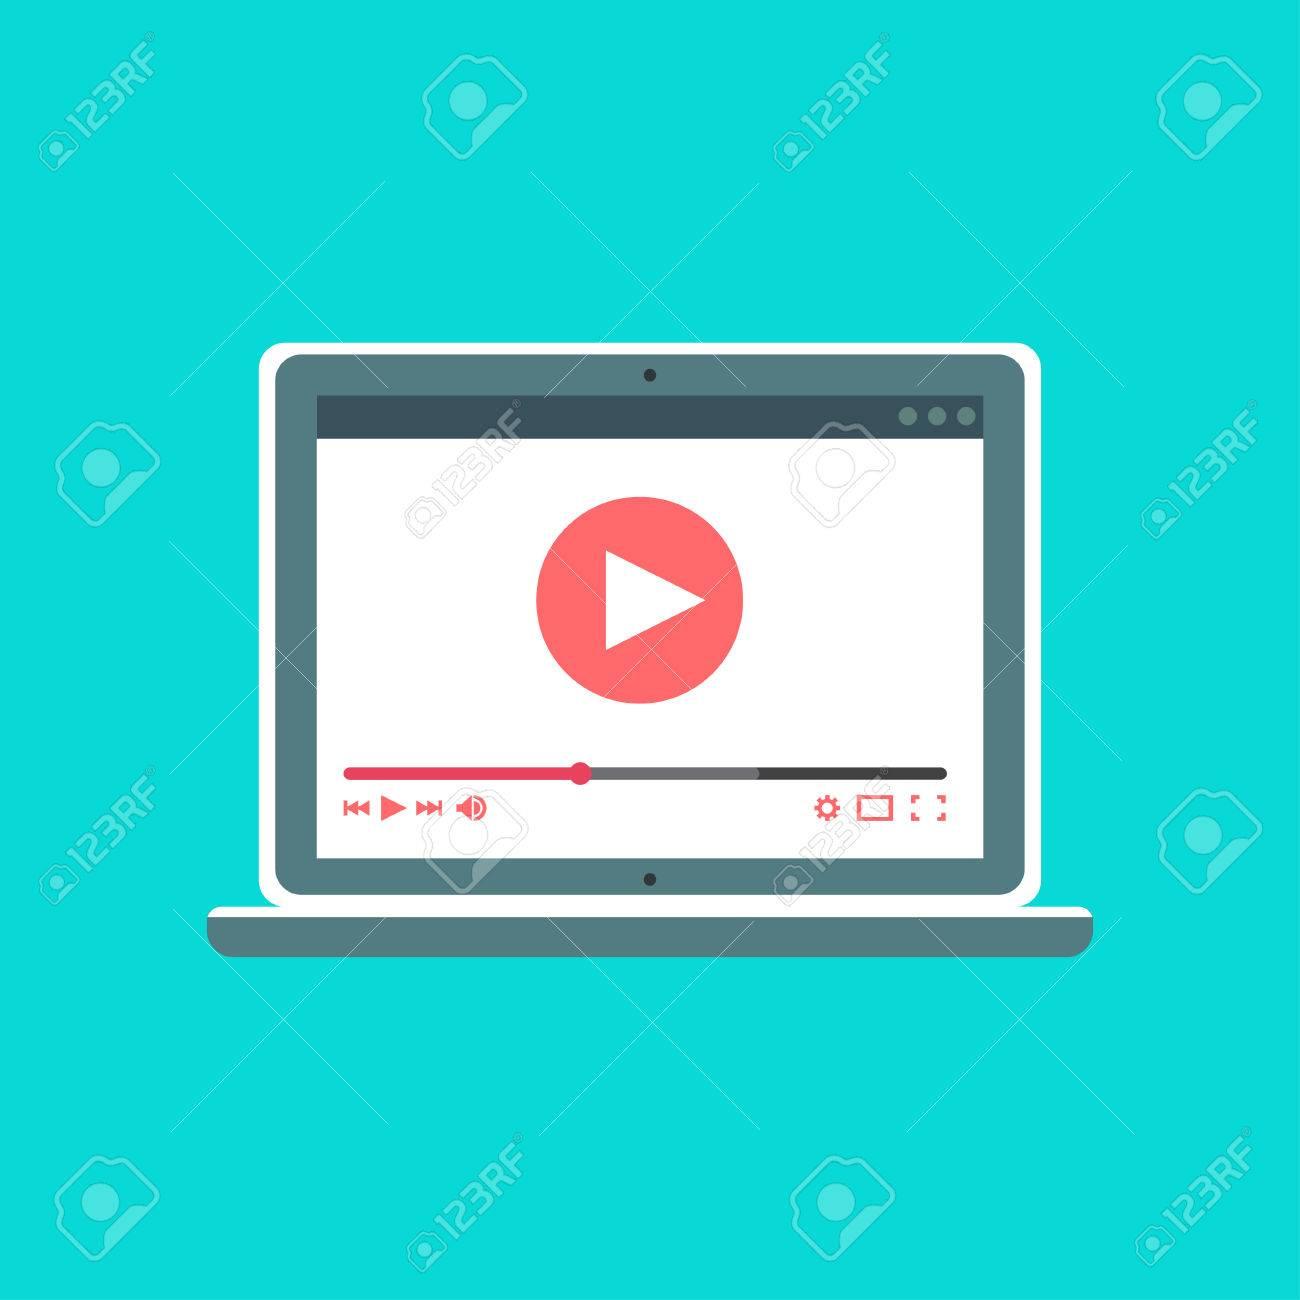 Plantilla Web Y Elementos Para La Forma De Sitio De Ver Video En ...